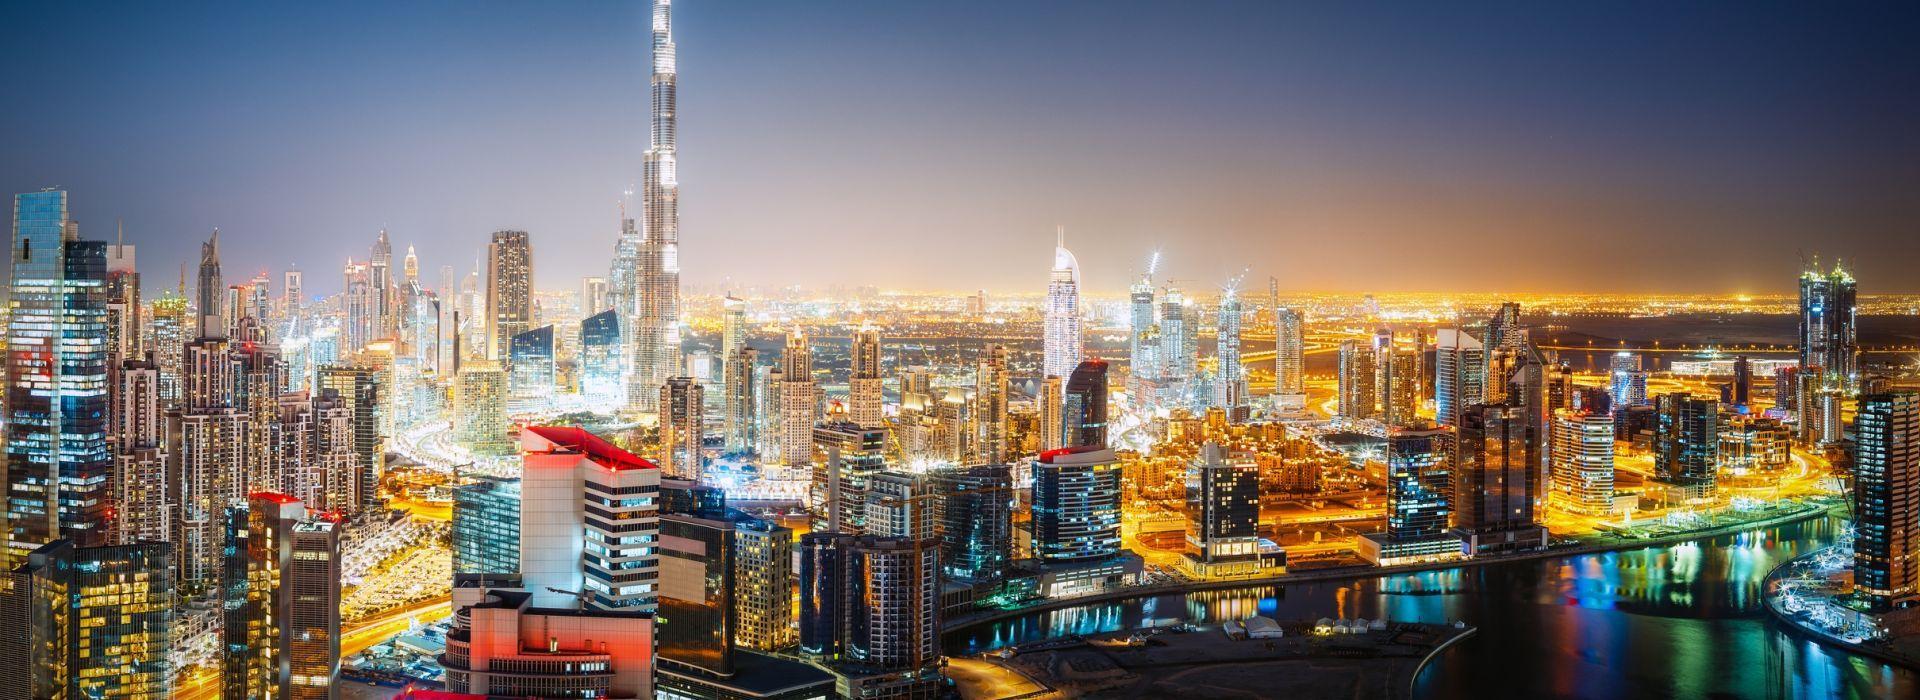 Sightseeing Tours in Abu Dhabi